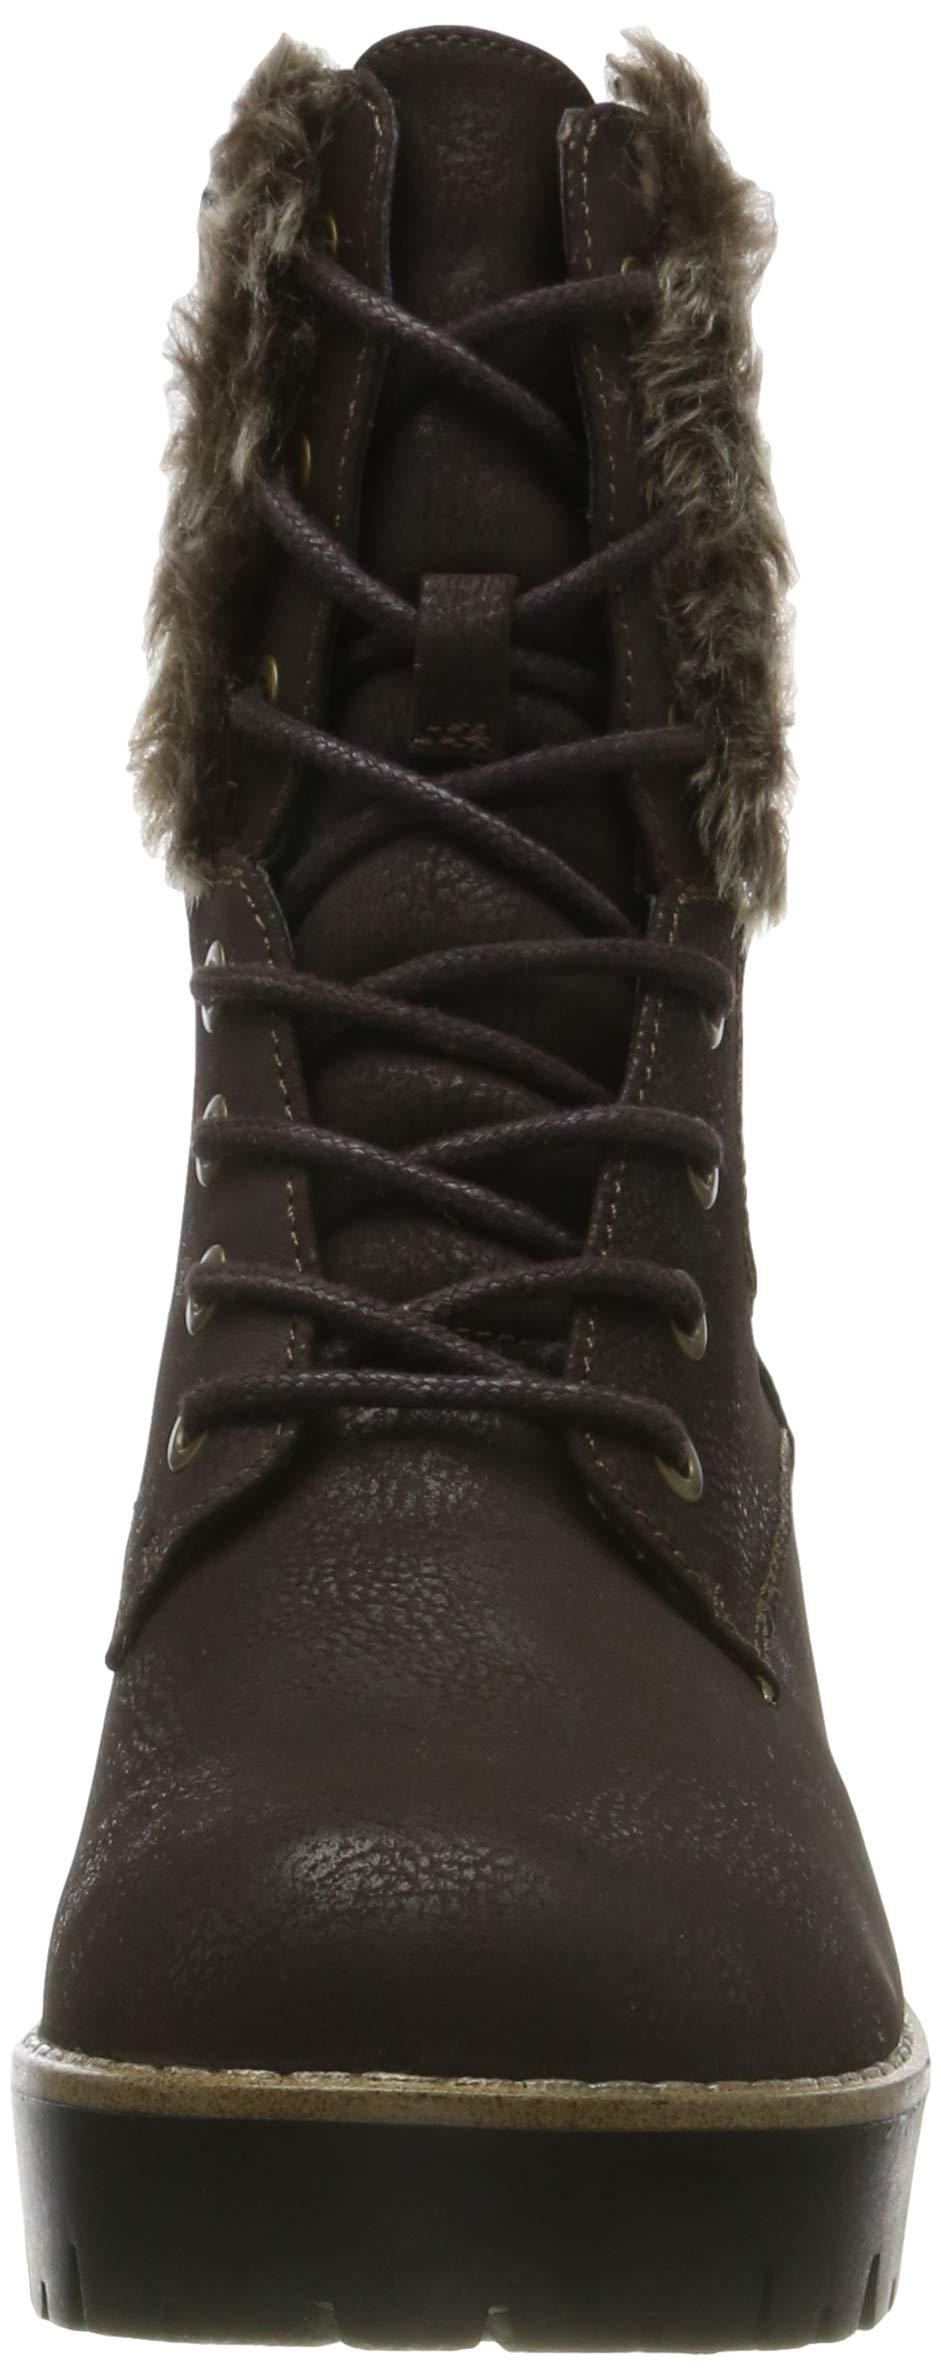 Rieker Women's Herbst/Winter Ankle Boots 11